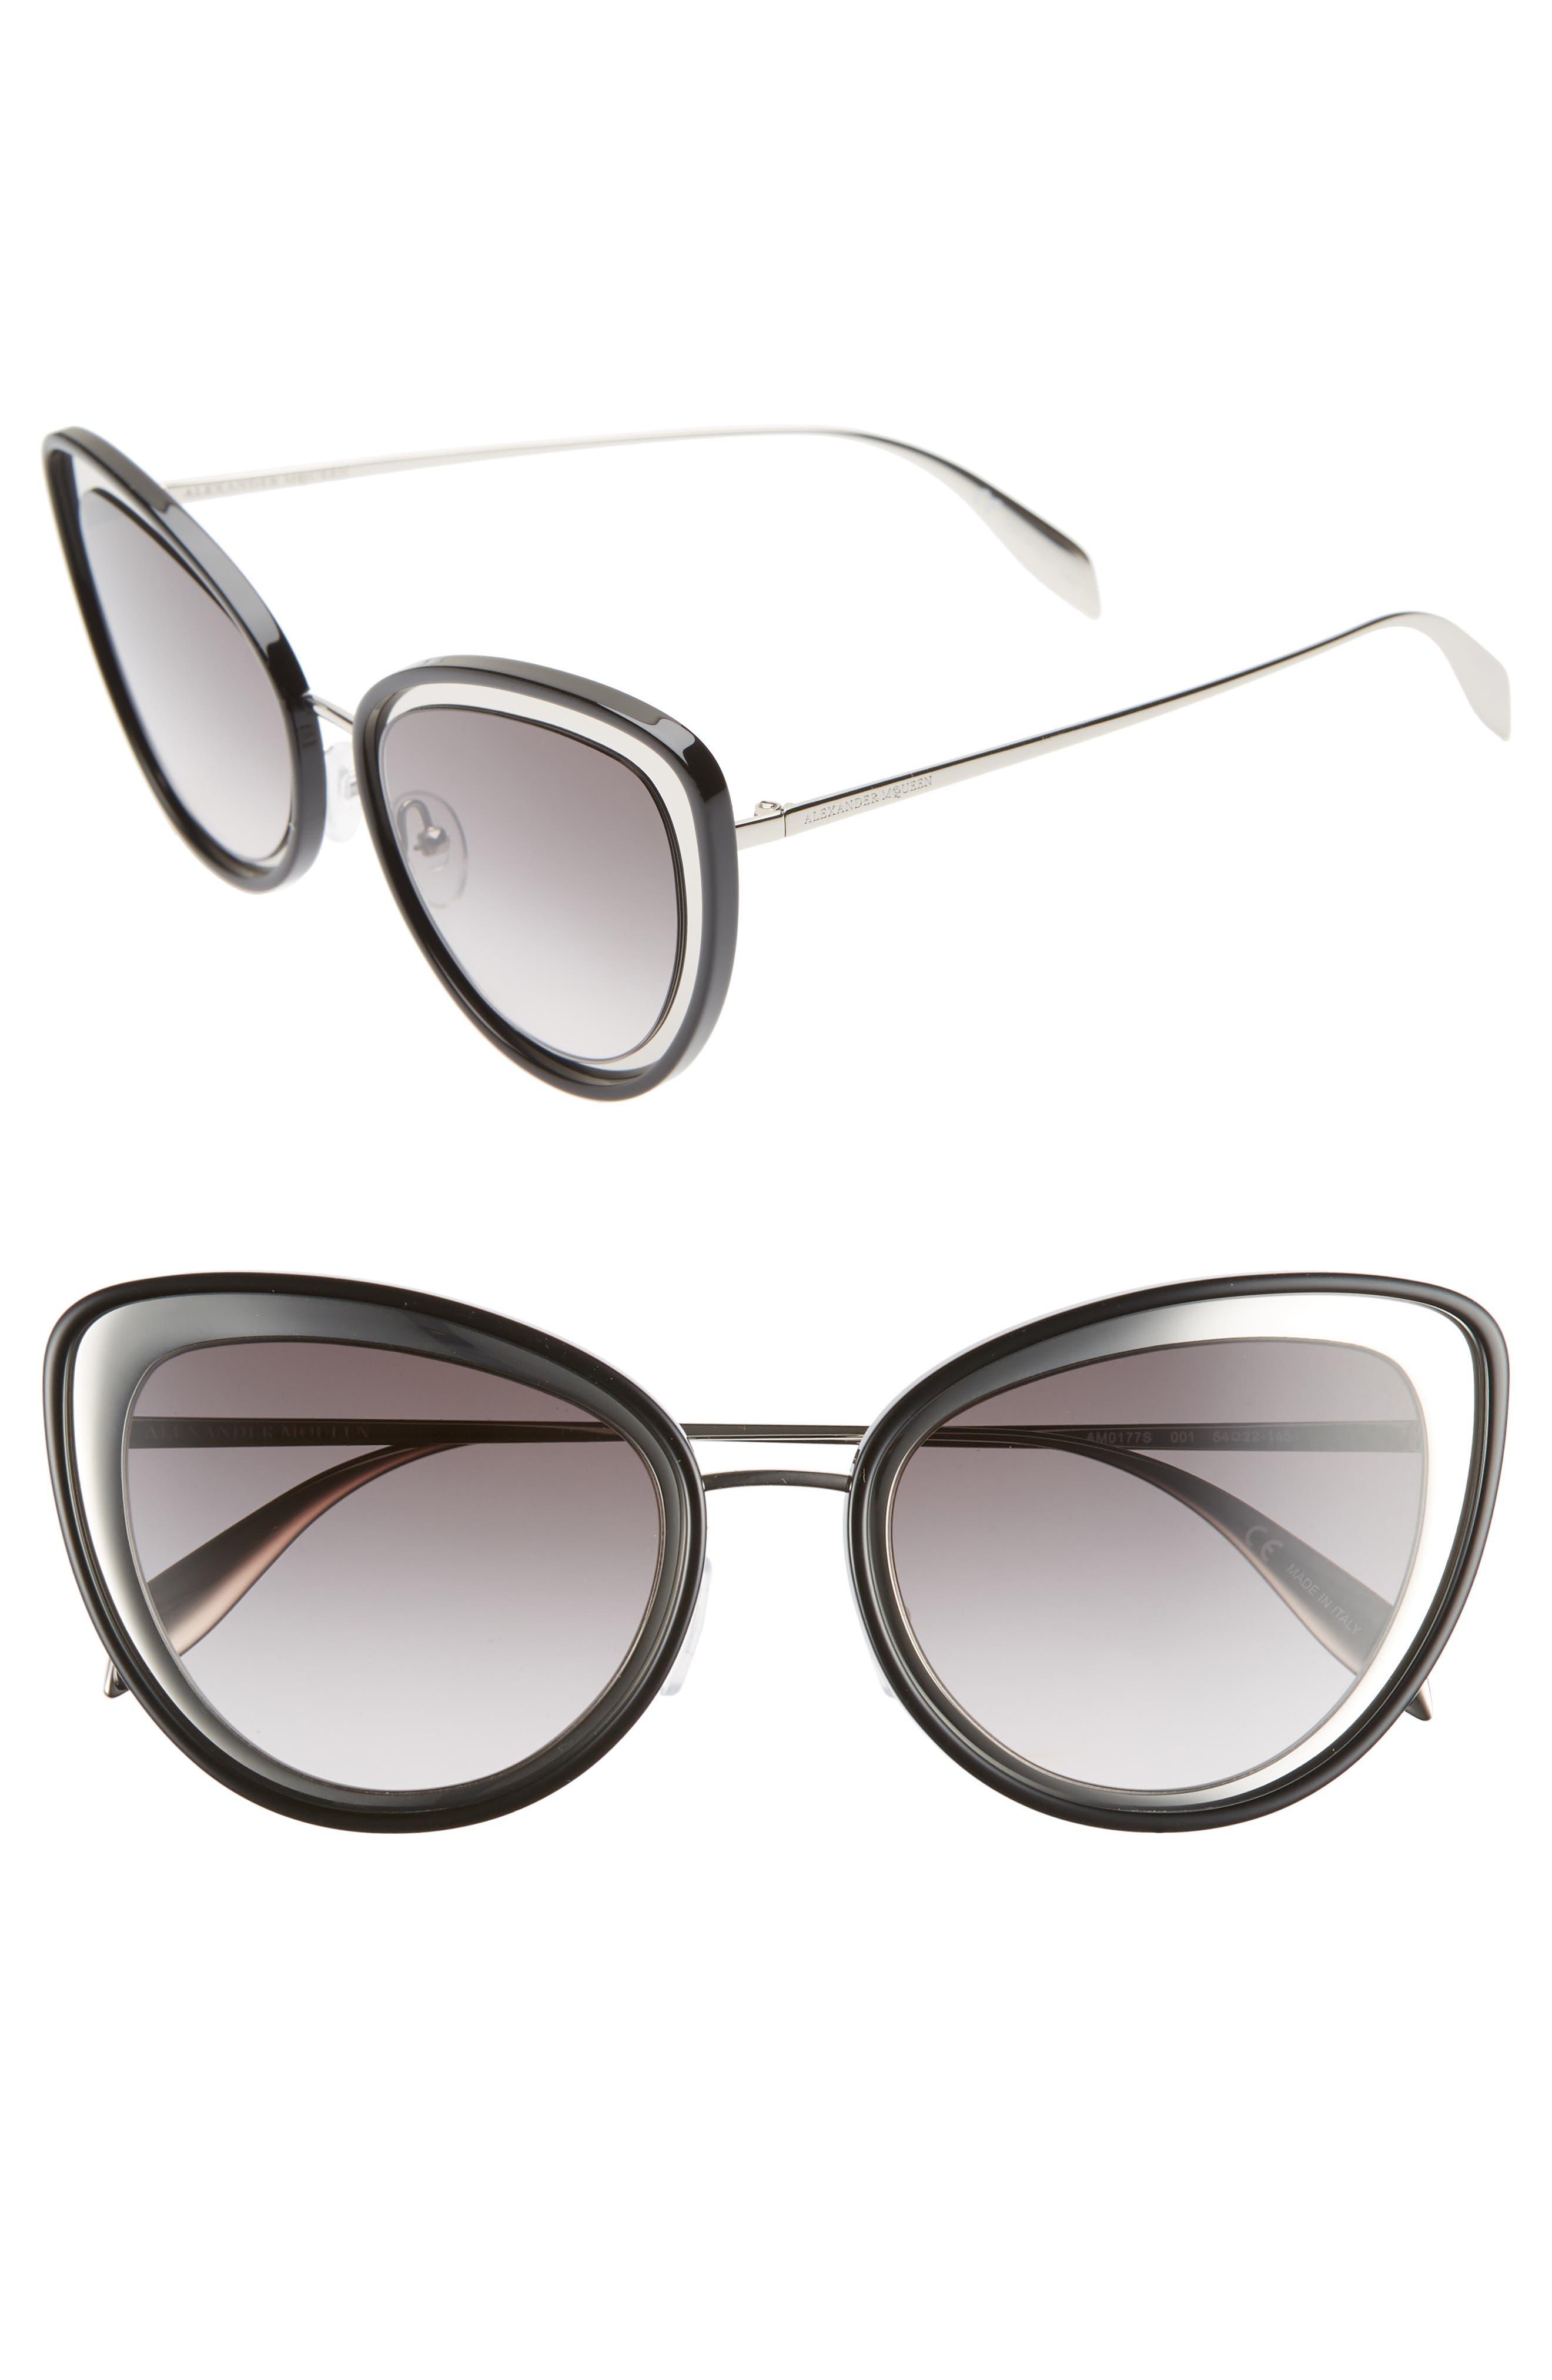 Women Sunglasses Nordstrom Alexander For Mcqueen ftwWX